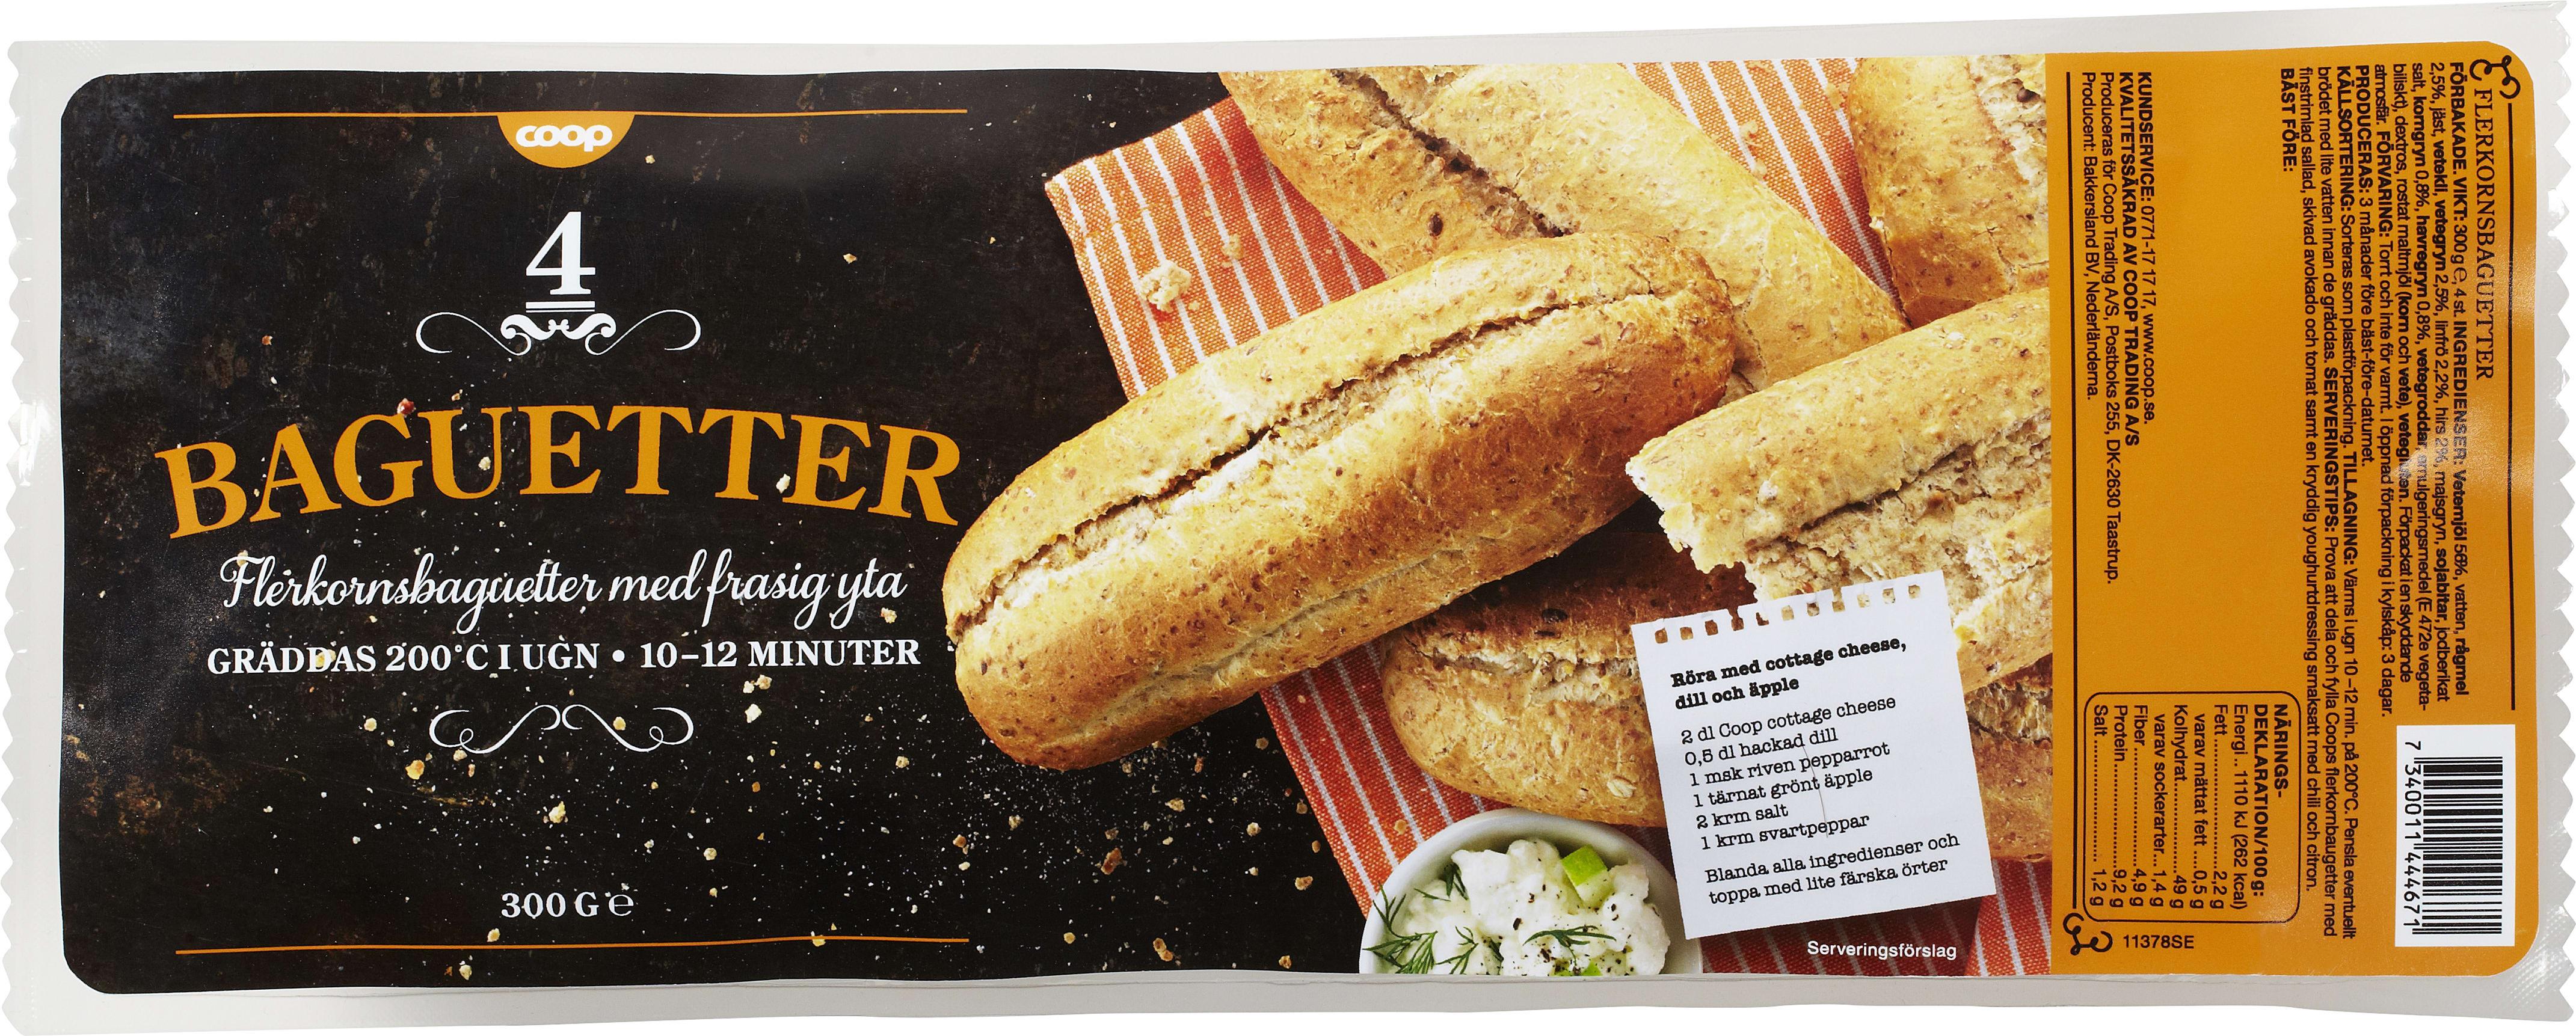 köpa lchf bröd stockholm